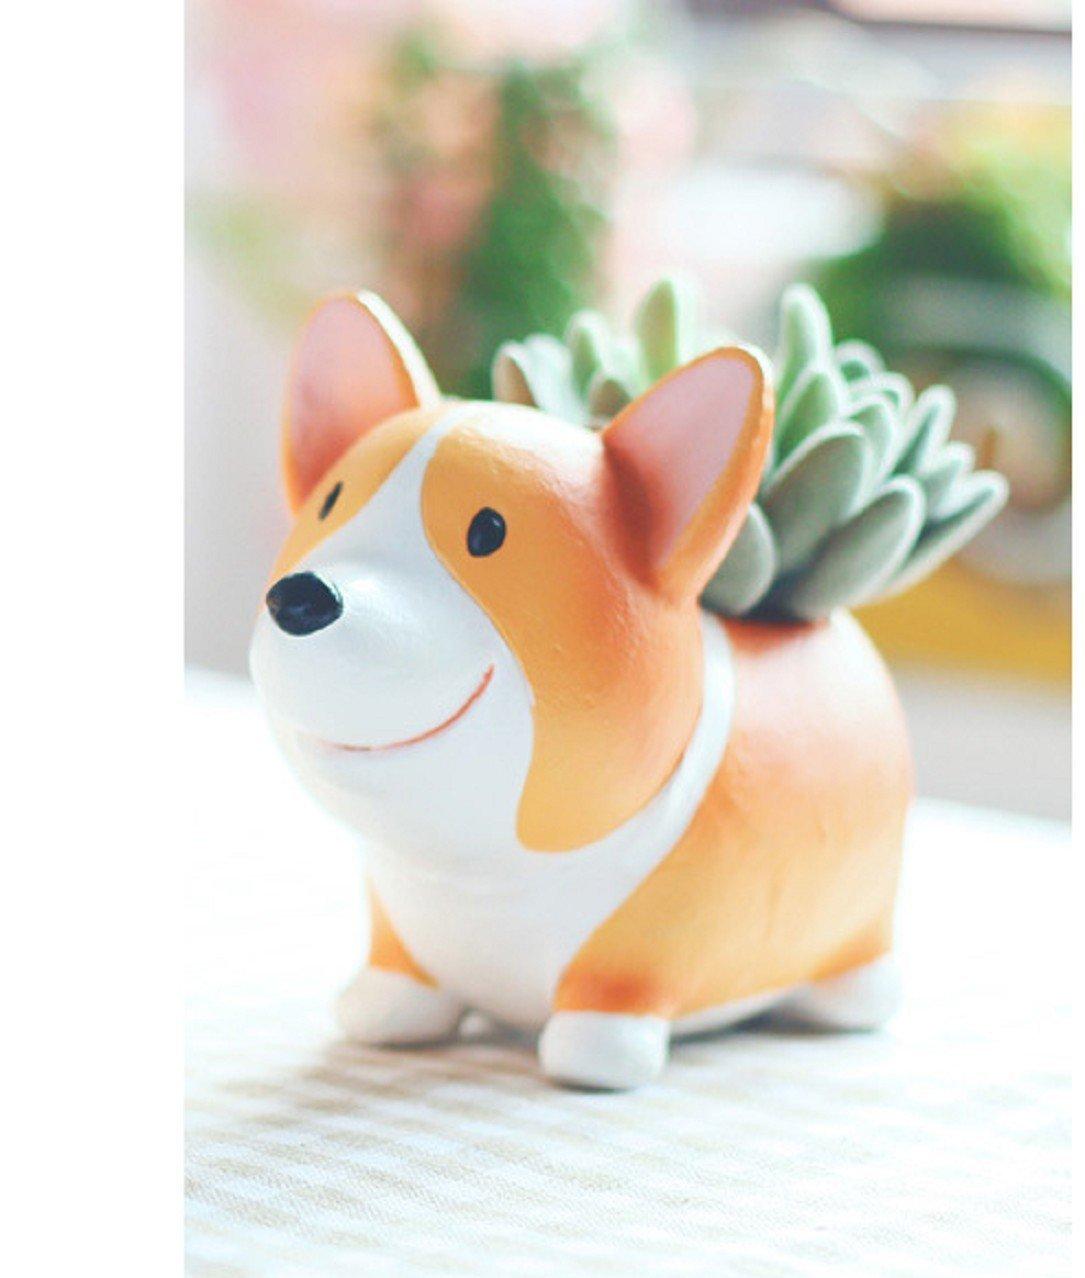 Welsh Corgi Dog Planter Pot For Decorative Succulents Cacti Flowers Plants